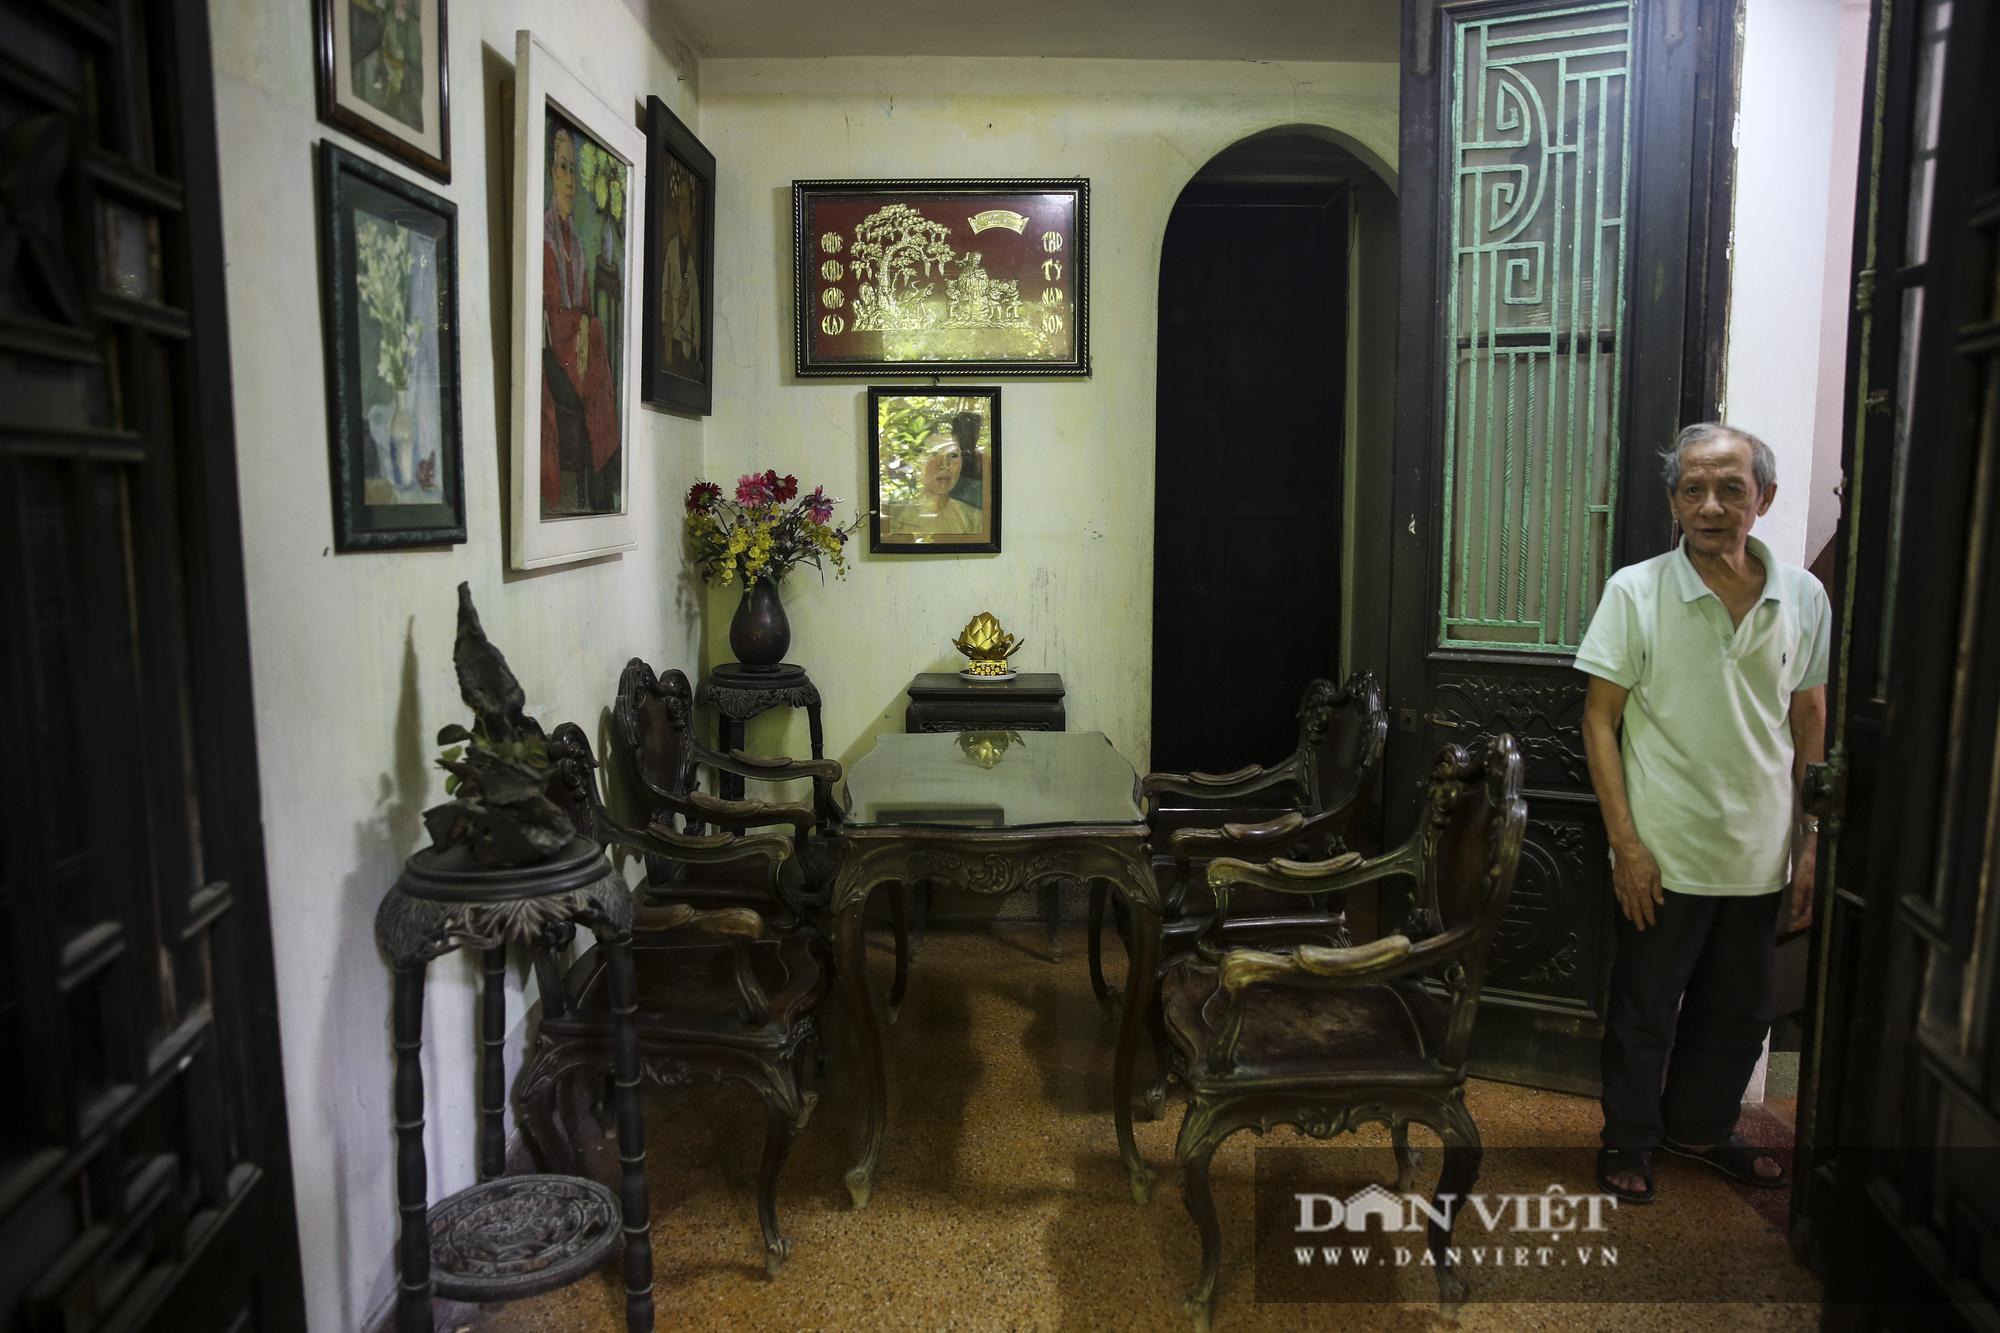 Khám phá ngôi nhà vườn xuyên phố duy nhất ở phố cổ Hà Nội - Ảnh 8.